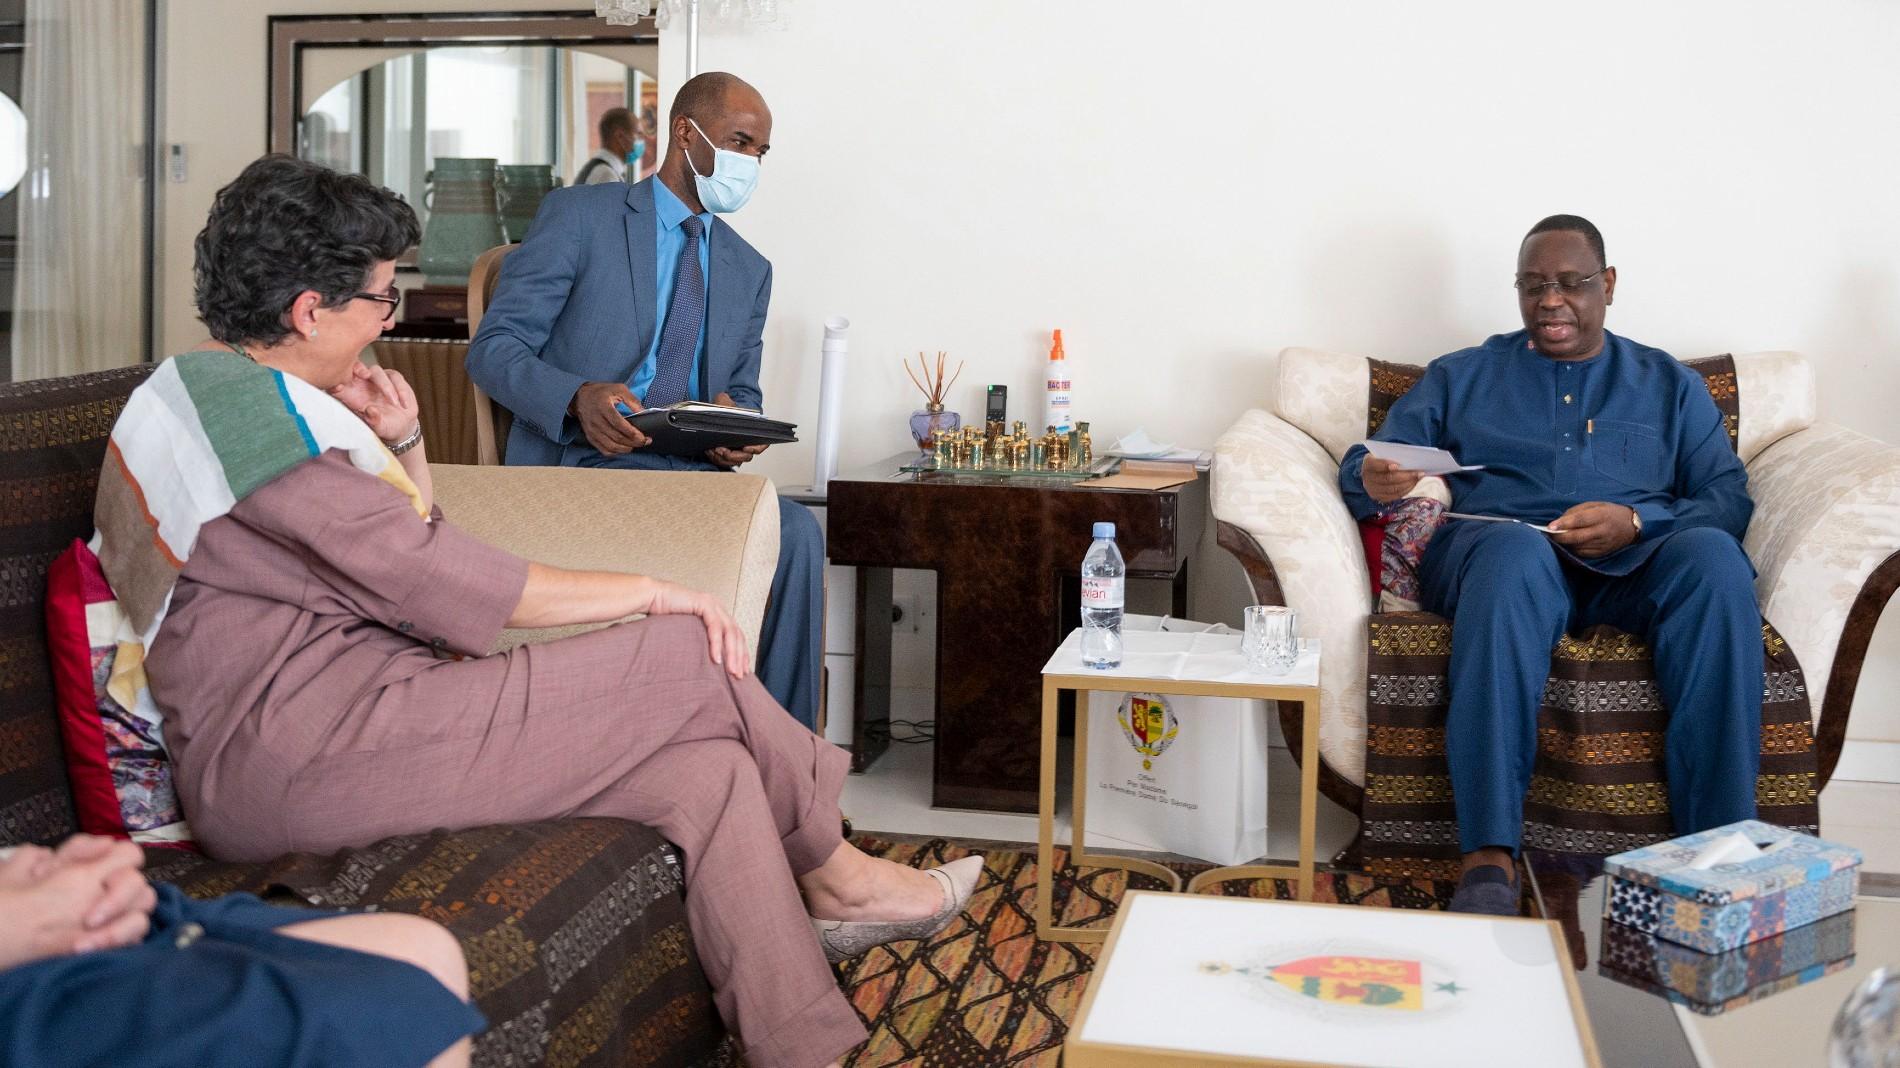 Ir al VideoEspaña firma un convenio de cooperación con Senegal para reforzar la migración regular y luchar contra las redes de tráfico de personas